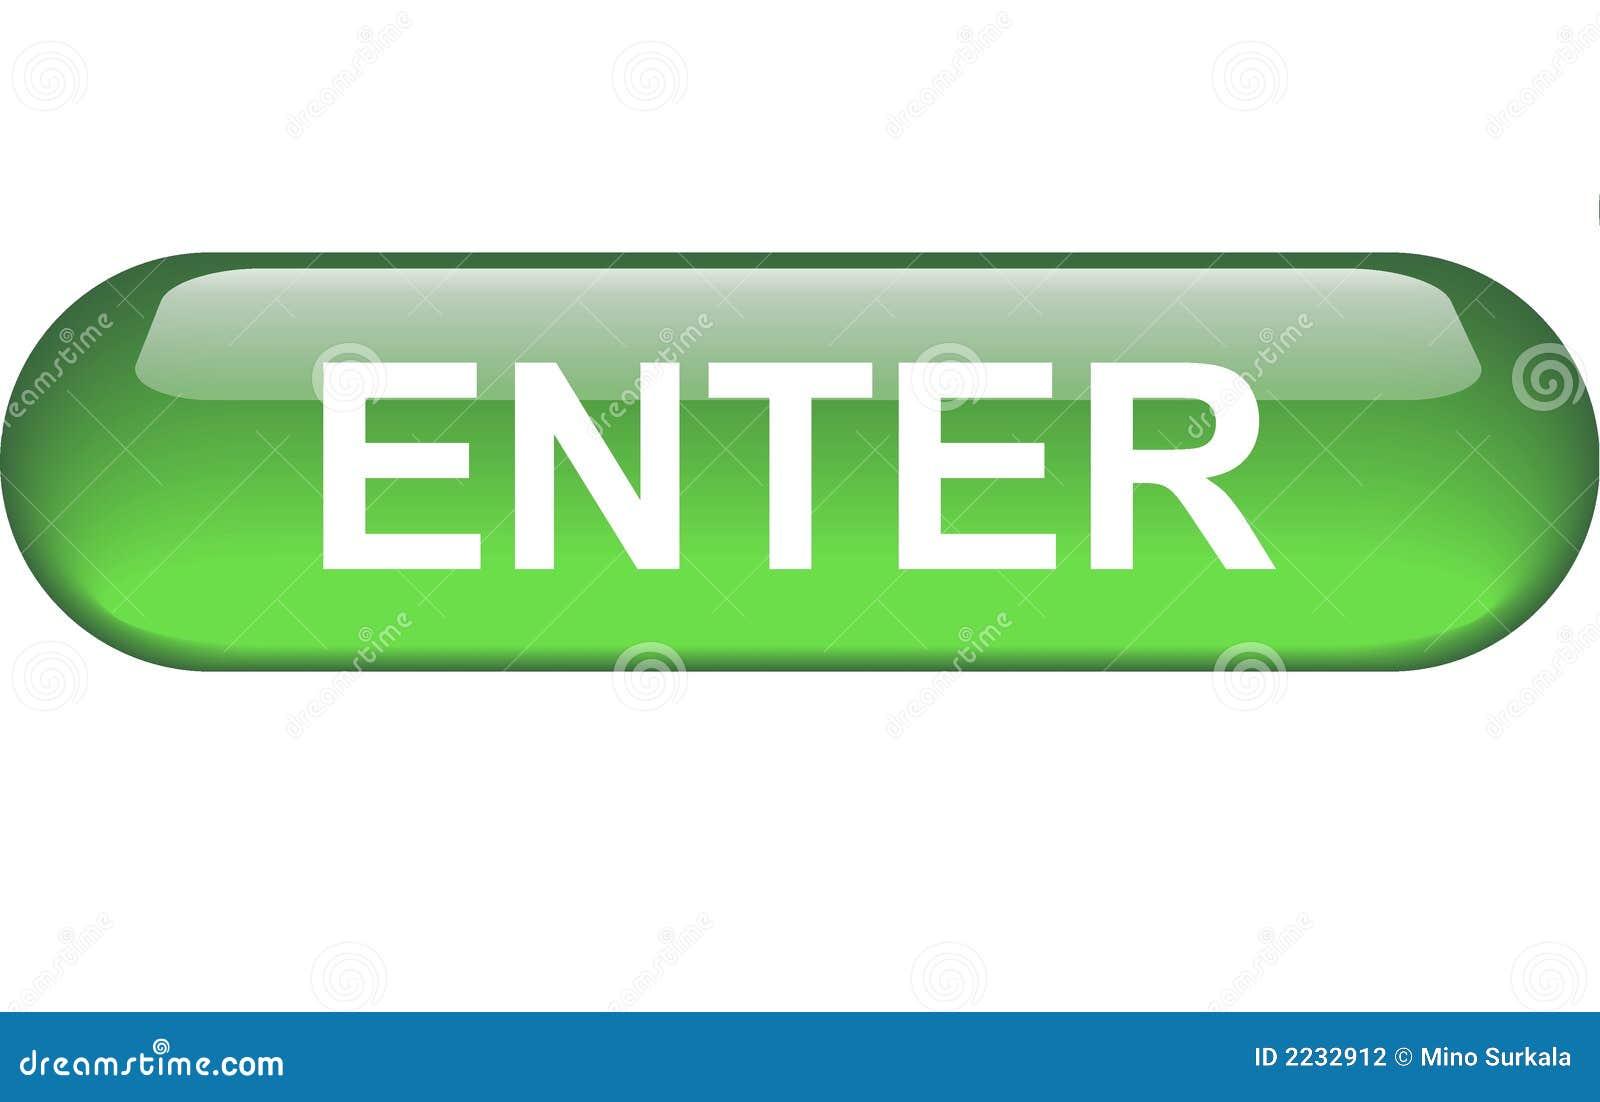 登录按钮_协议审批按钮输入绿色登录od.